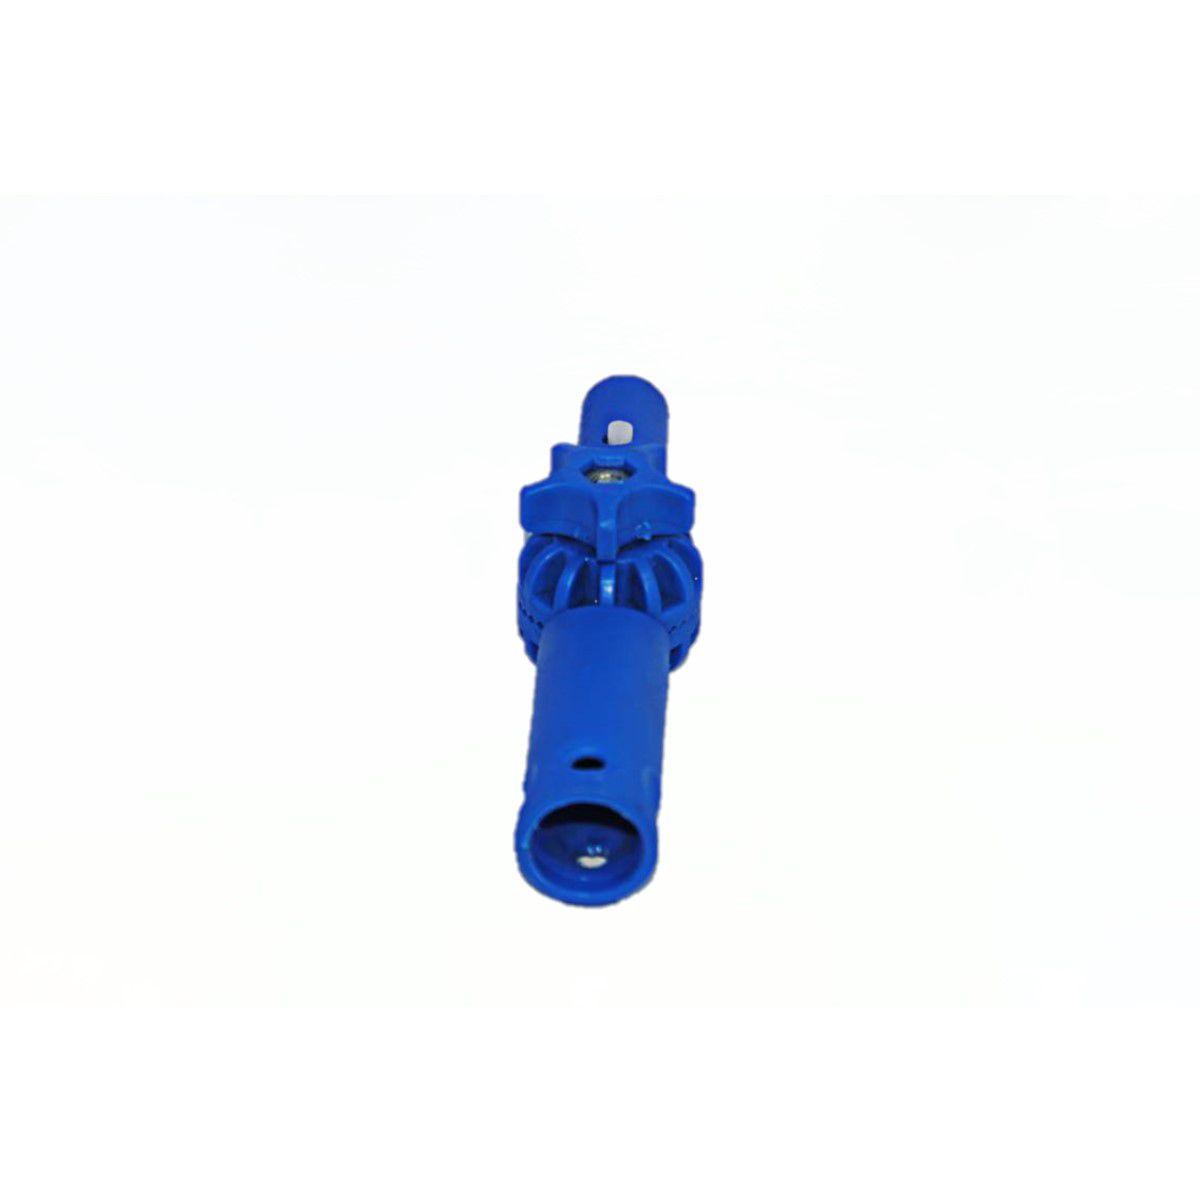 Adaptador Angular 90º - AA090 - Bralimpia